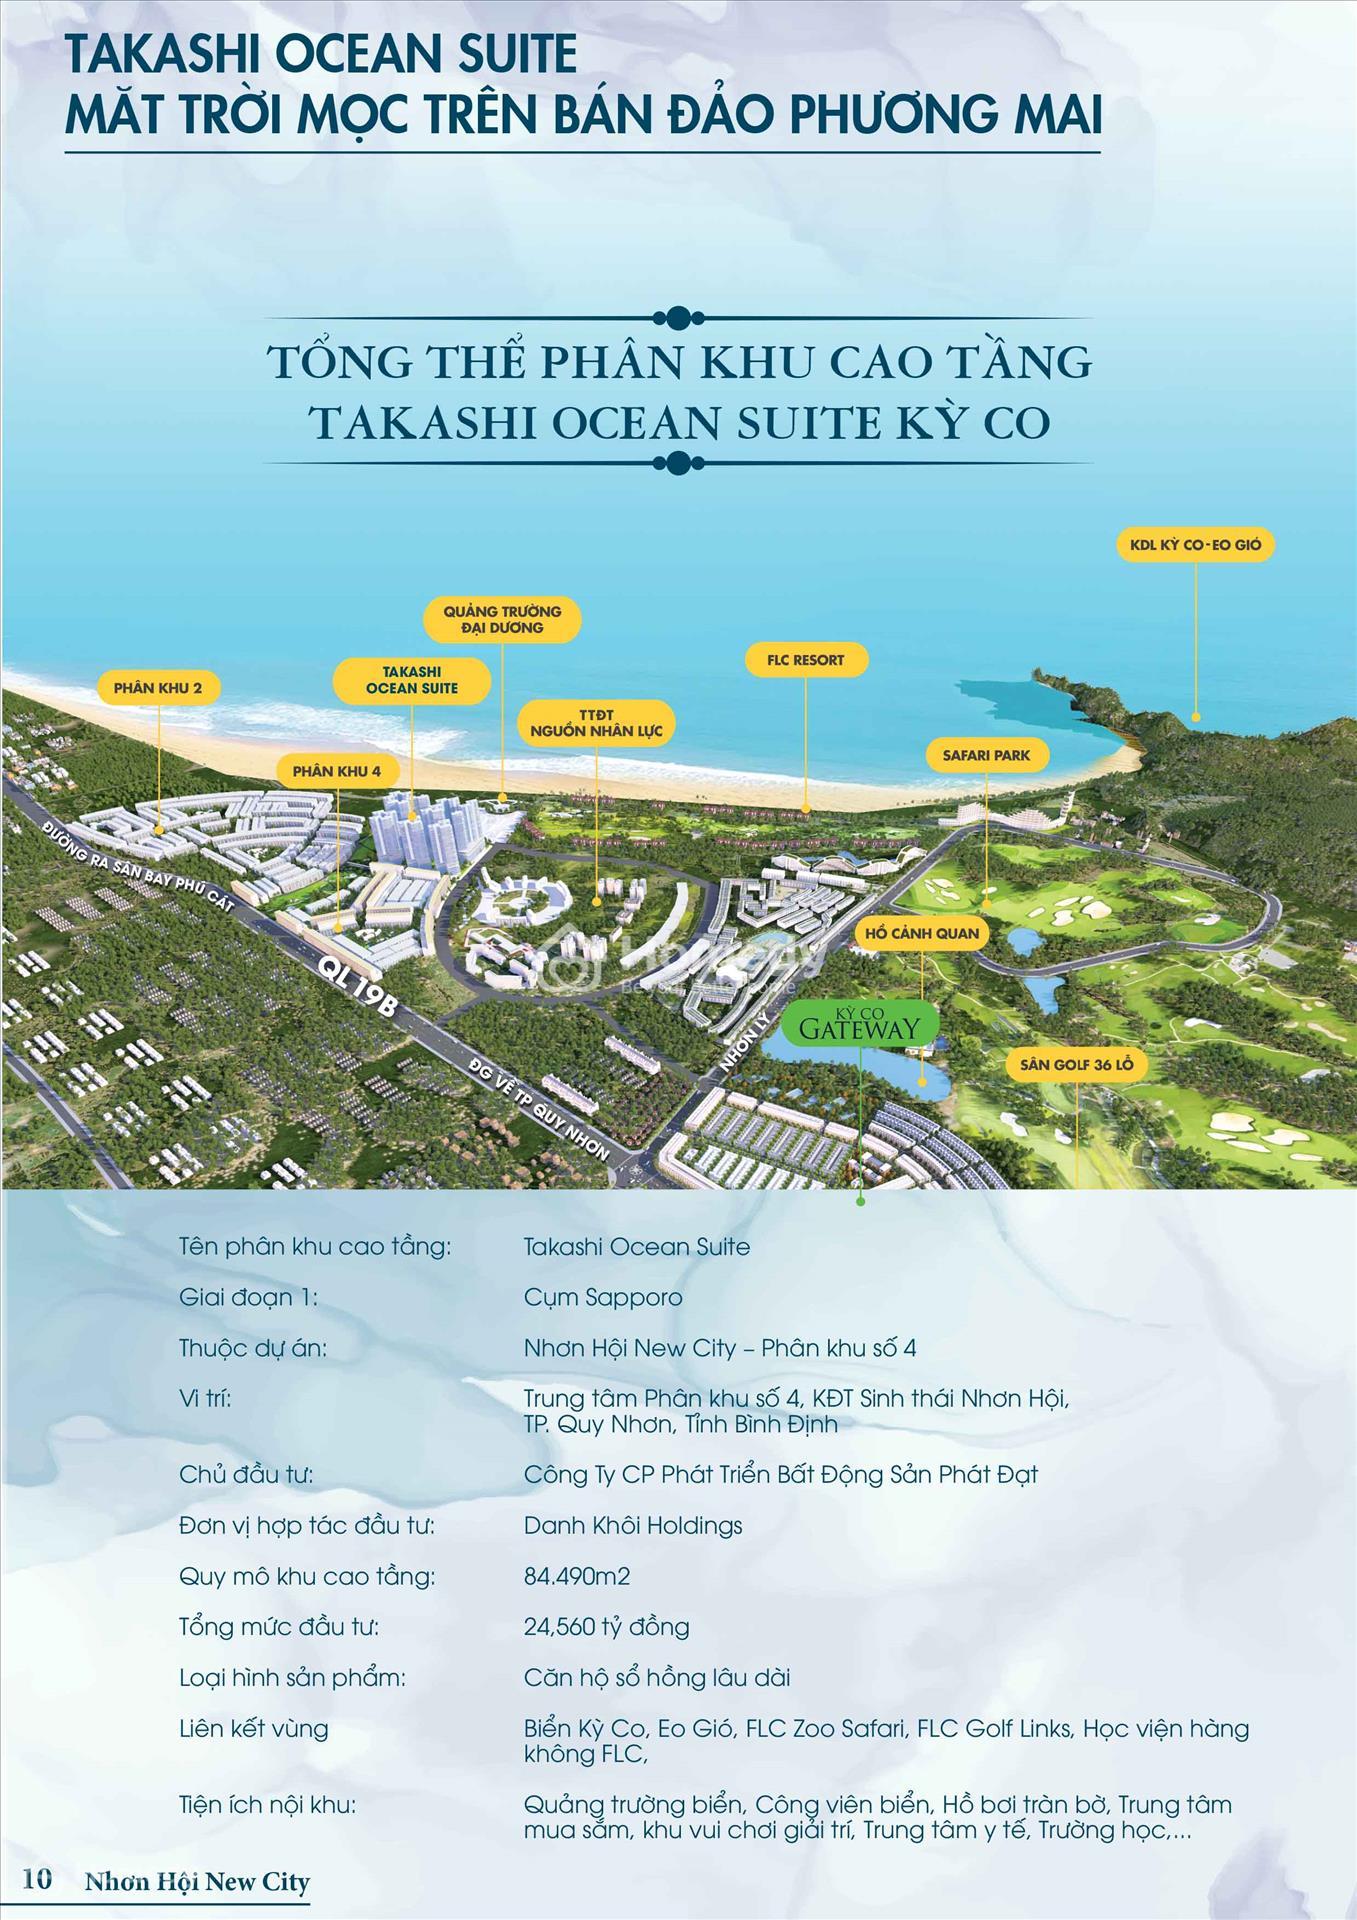 Tổng quan dự án takashi-ocean-suite-ky-co